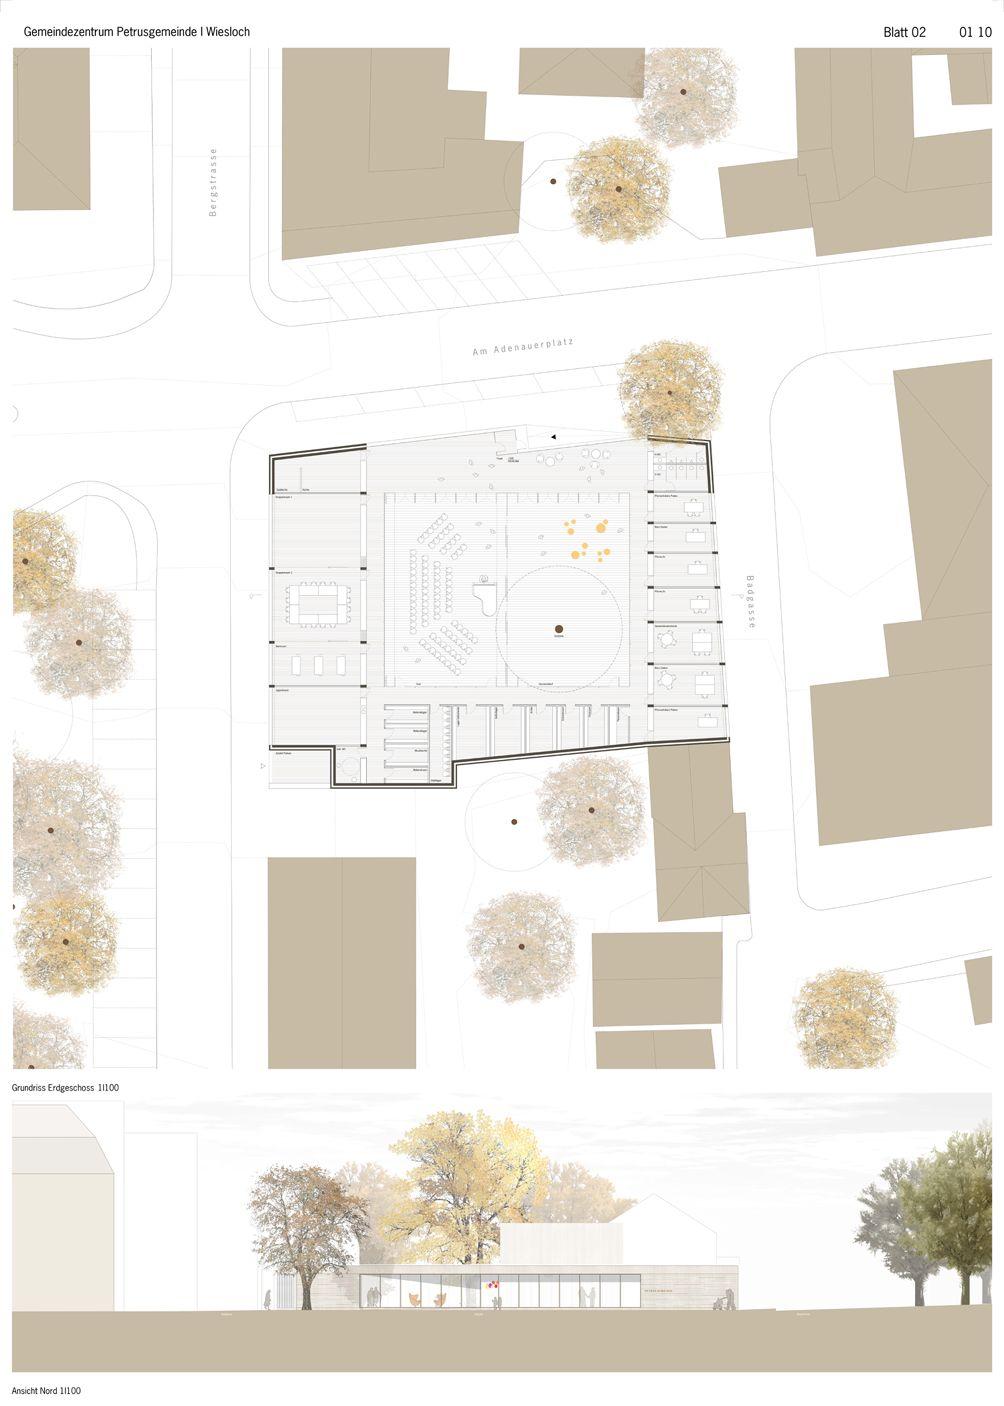 Ergebnis: Neubau Gemeindezentrum für die Petrusgeme...competitionline #architektonischepräsentation